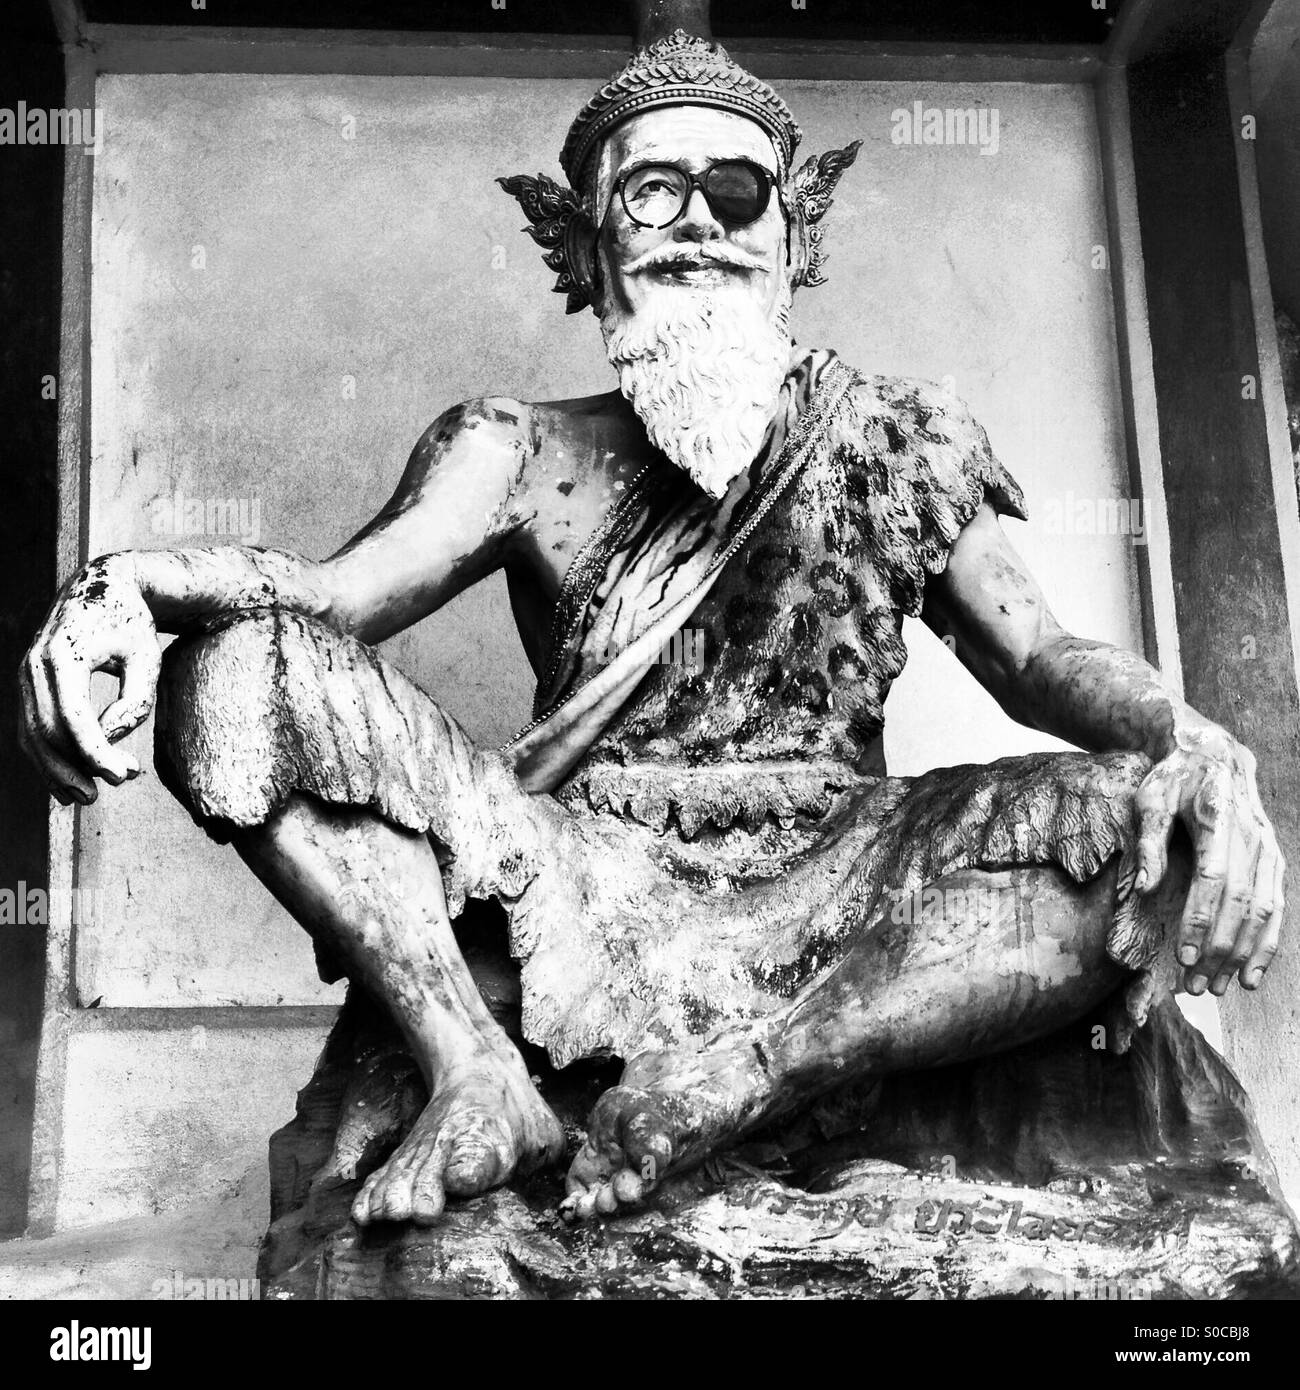 Buddhist statue wearing a sunglass. - Stock Image